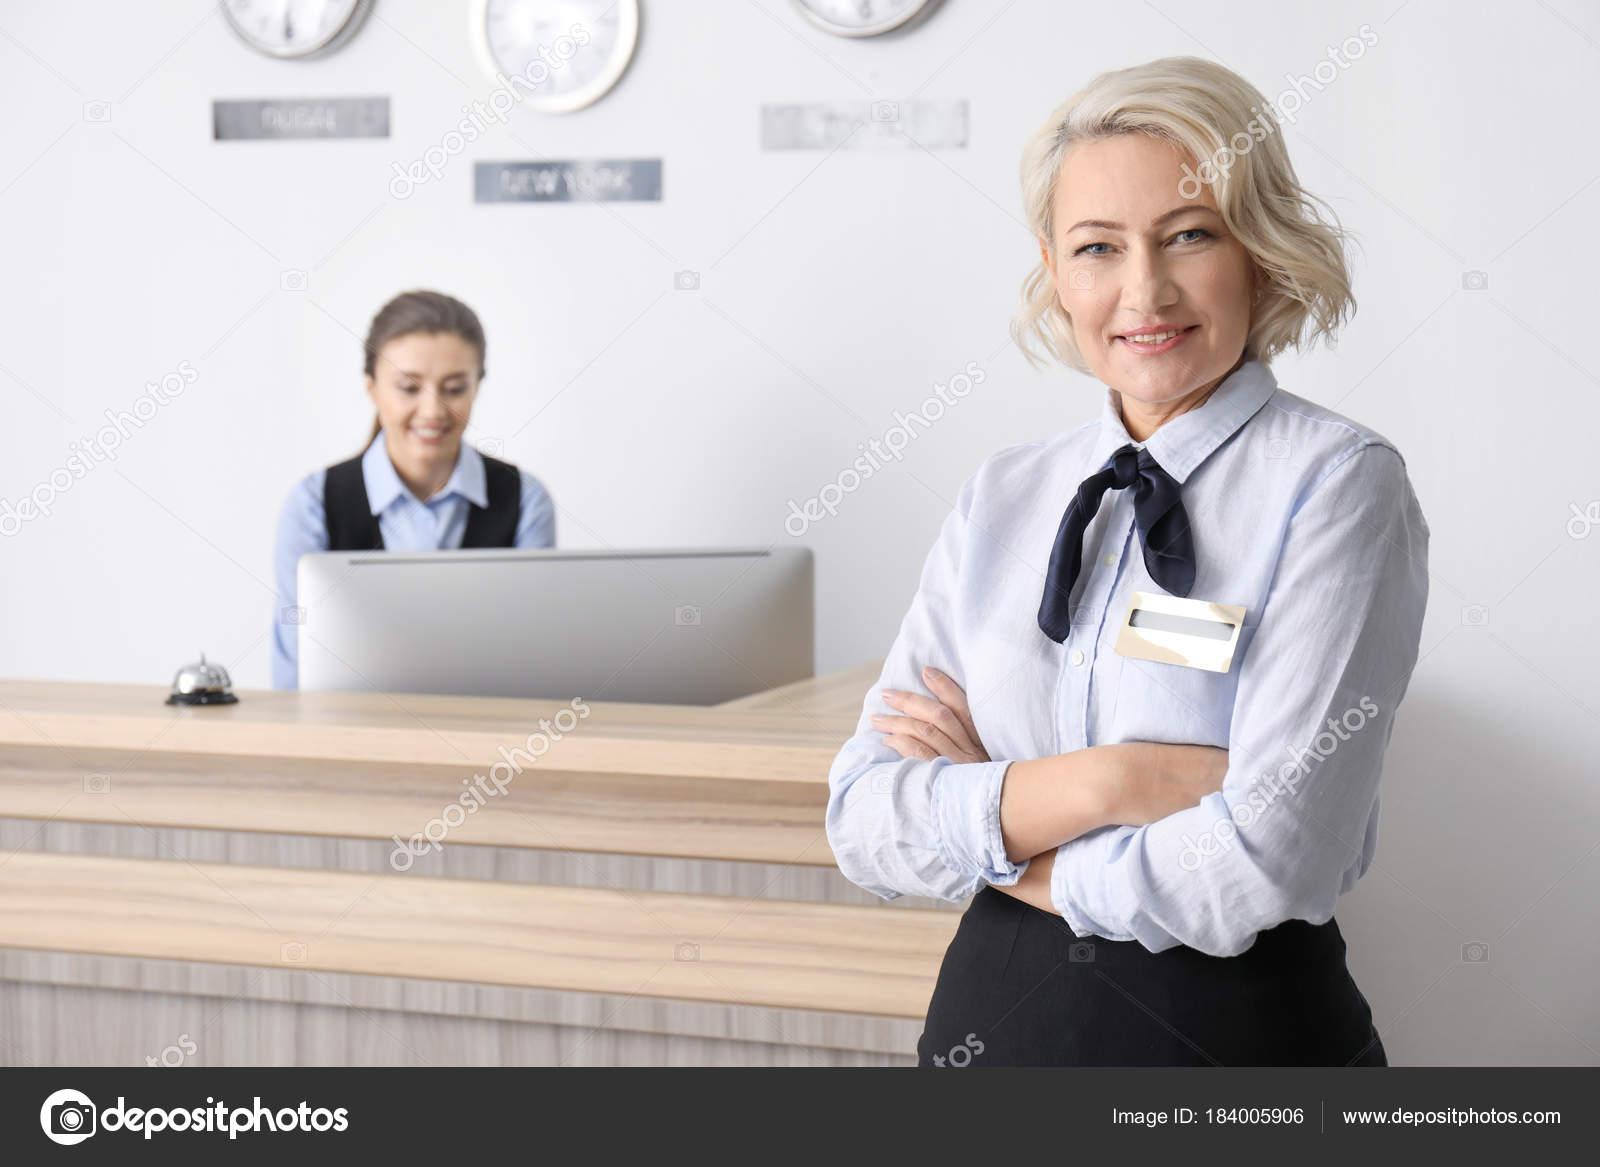 Weibliche Rezeptionist Arbeitsplatz — Stockfoto © belchonock #184005906